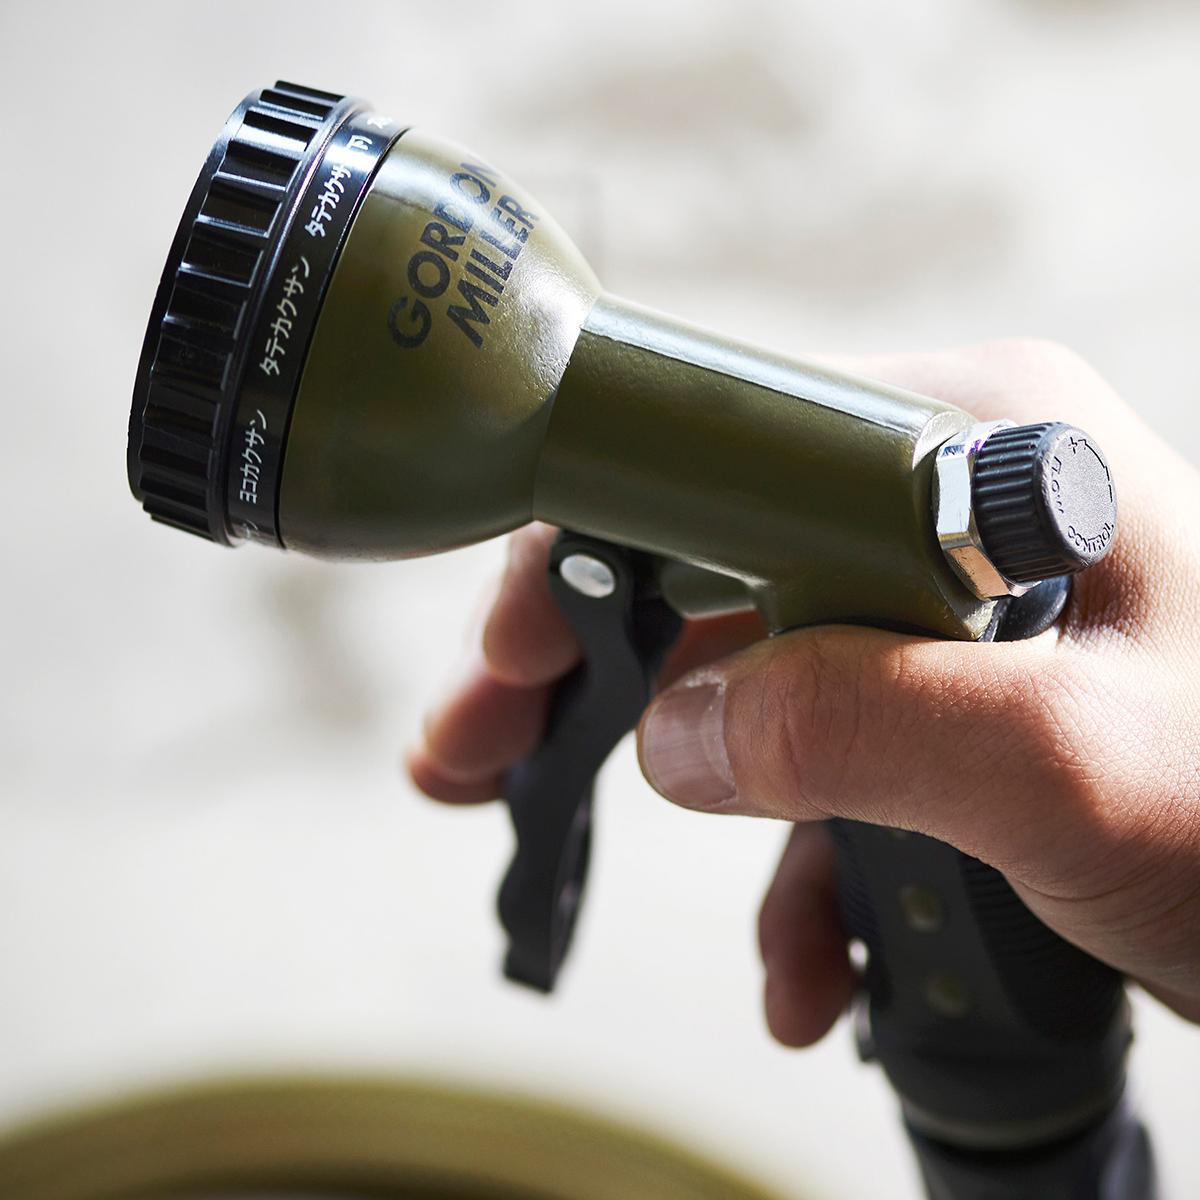 ほかではちょっと見ない、おしゃれな掃除道具。カー用品のオートバックスから生まれた『GORDON MILLER』(ゴードンミラー)